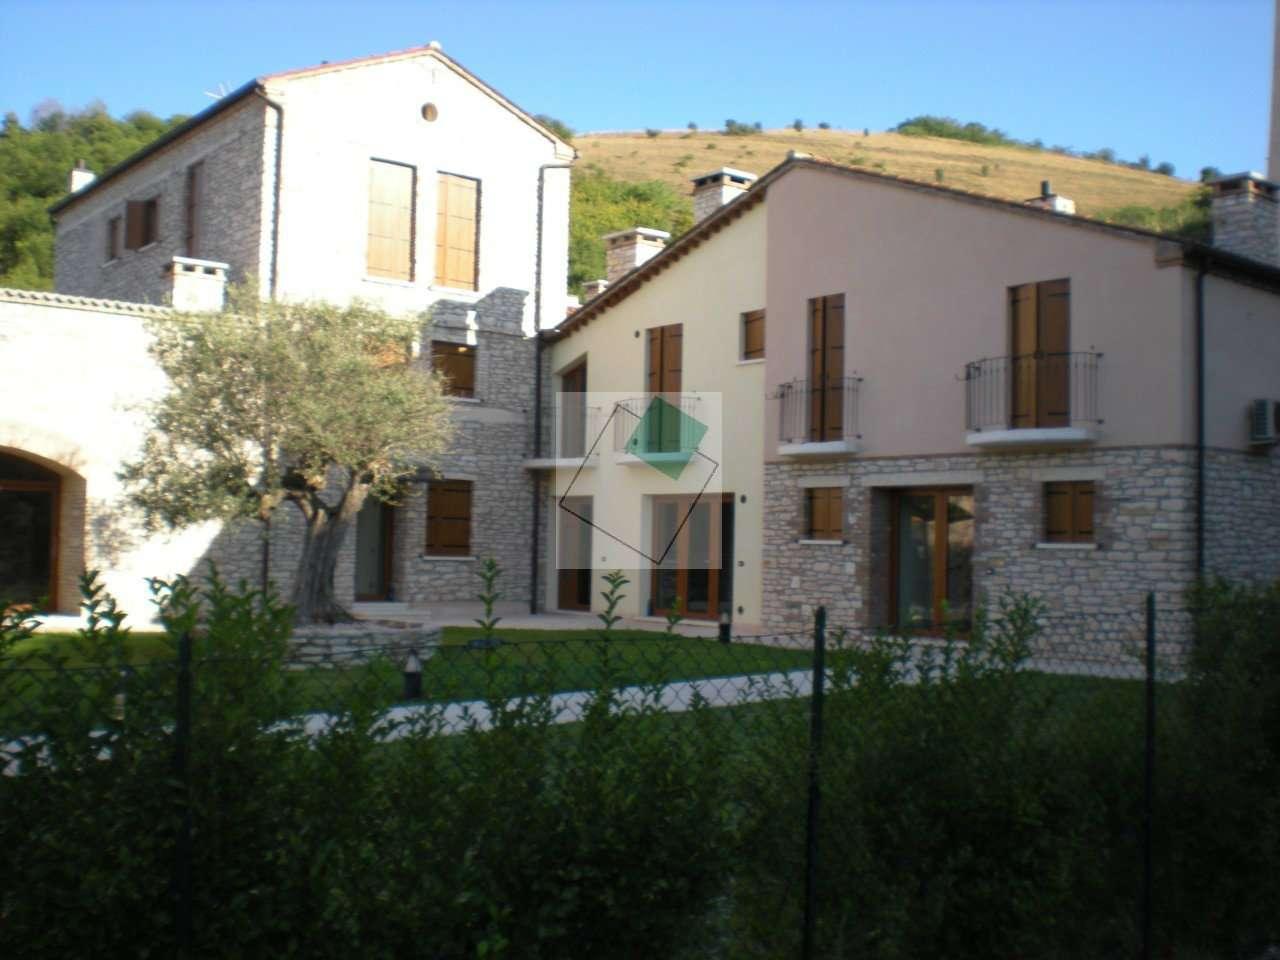 Appartamento in vendita a Albettone, 3 locali, prezzo € 130.000 | CambioCasa.it